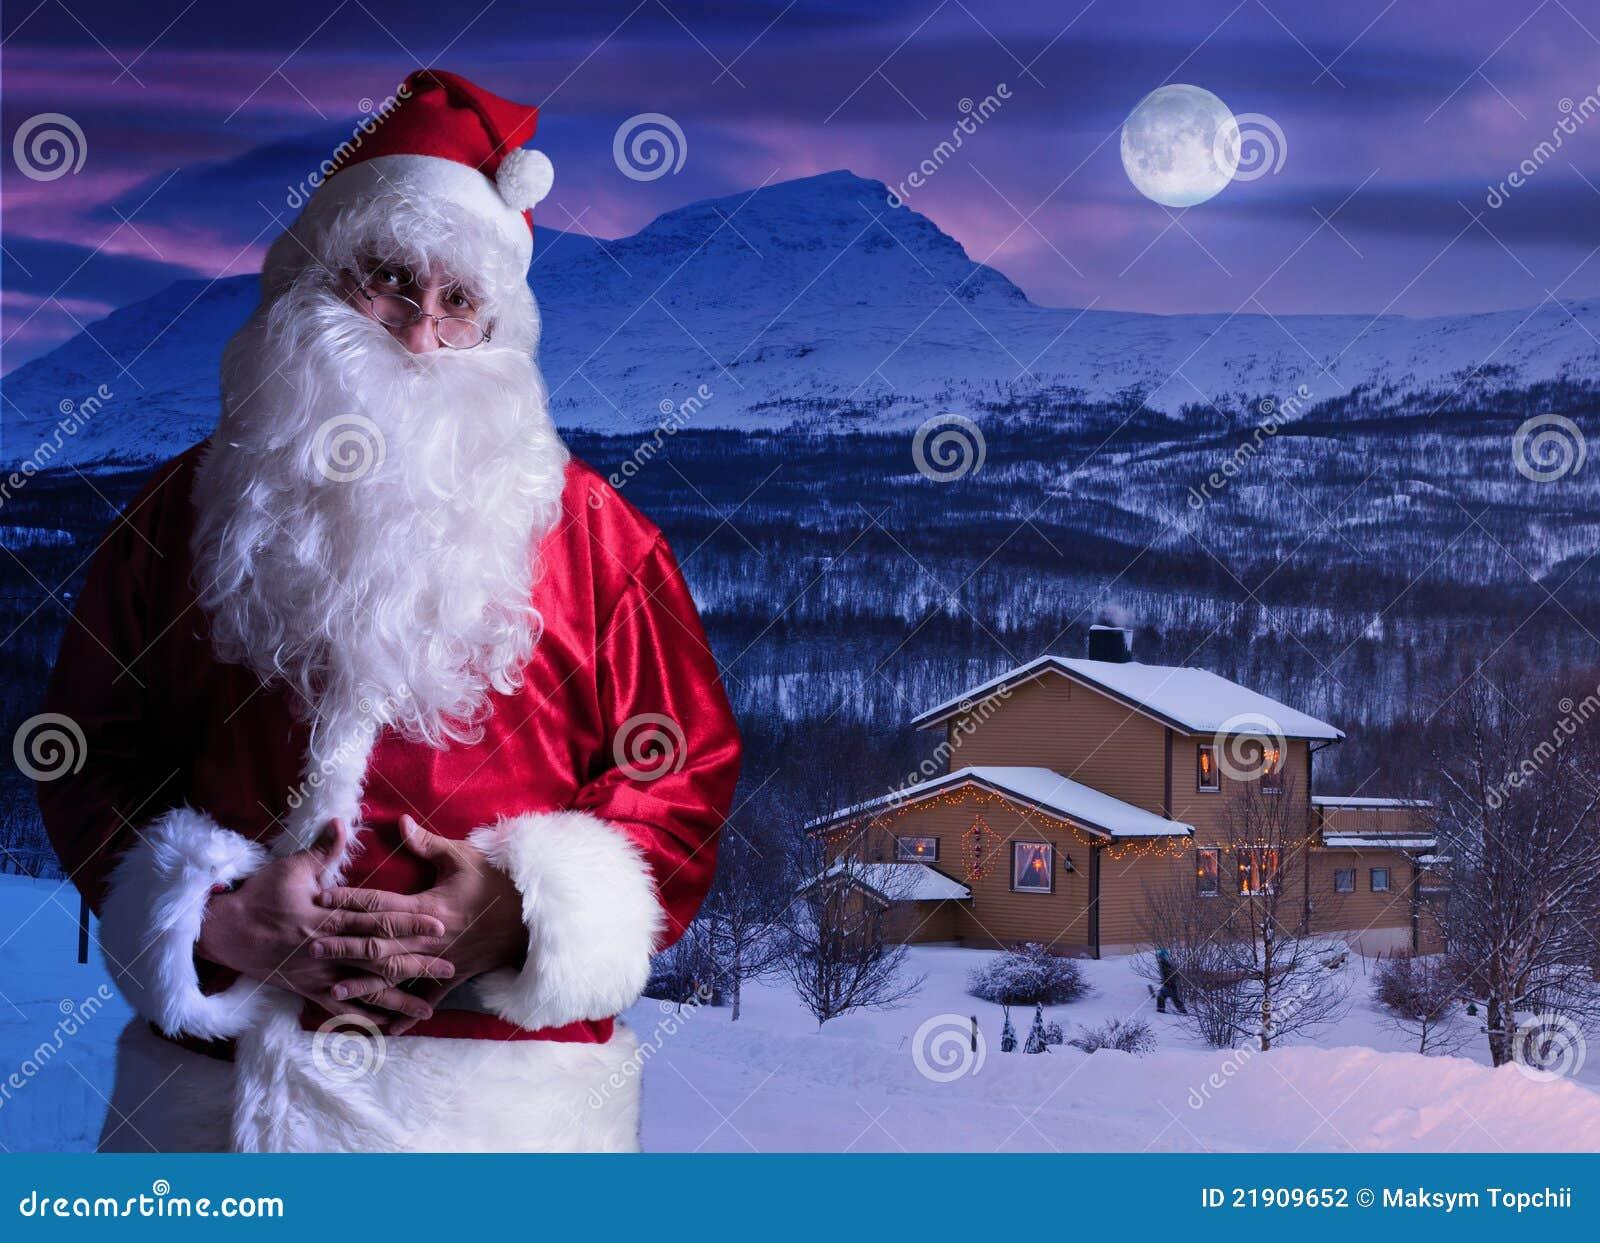 Babbo Natale Polo Nord.Ritratto Del Babbo Natale Al Polo Nord Fotografia Stock Immagine Di Nicholas Padre 21909652